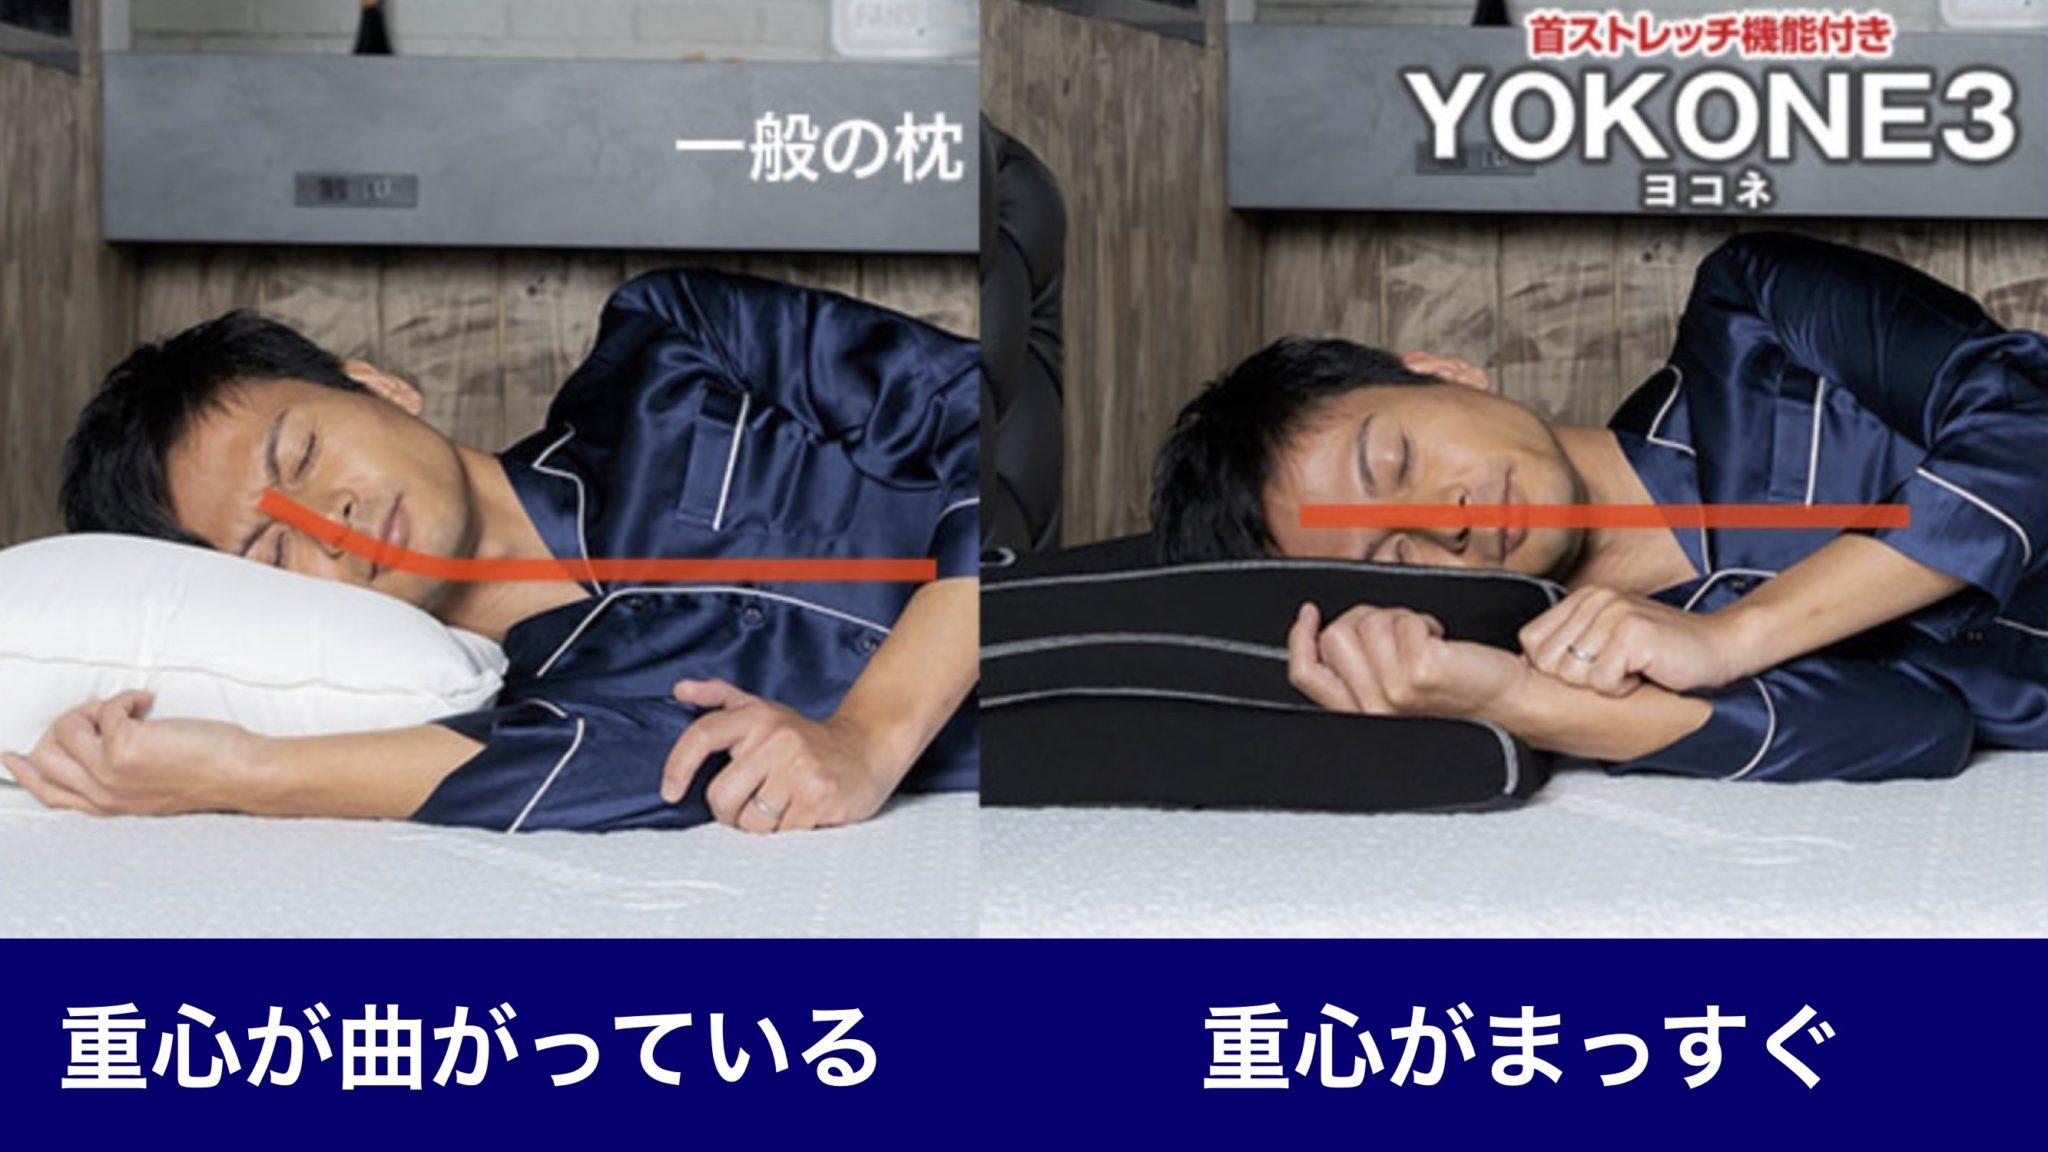 ヨコネ3は横寝しやすい